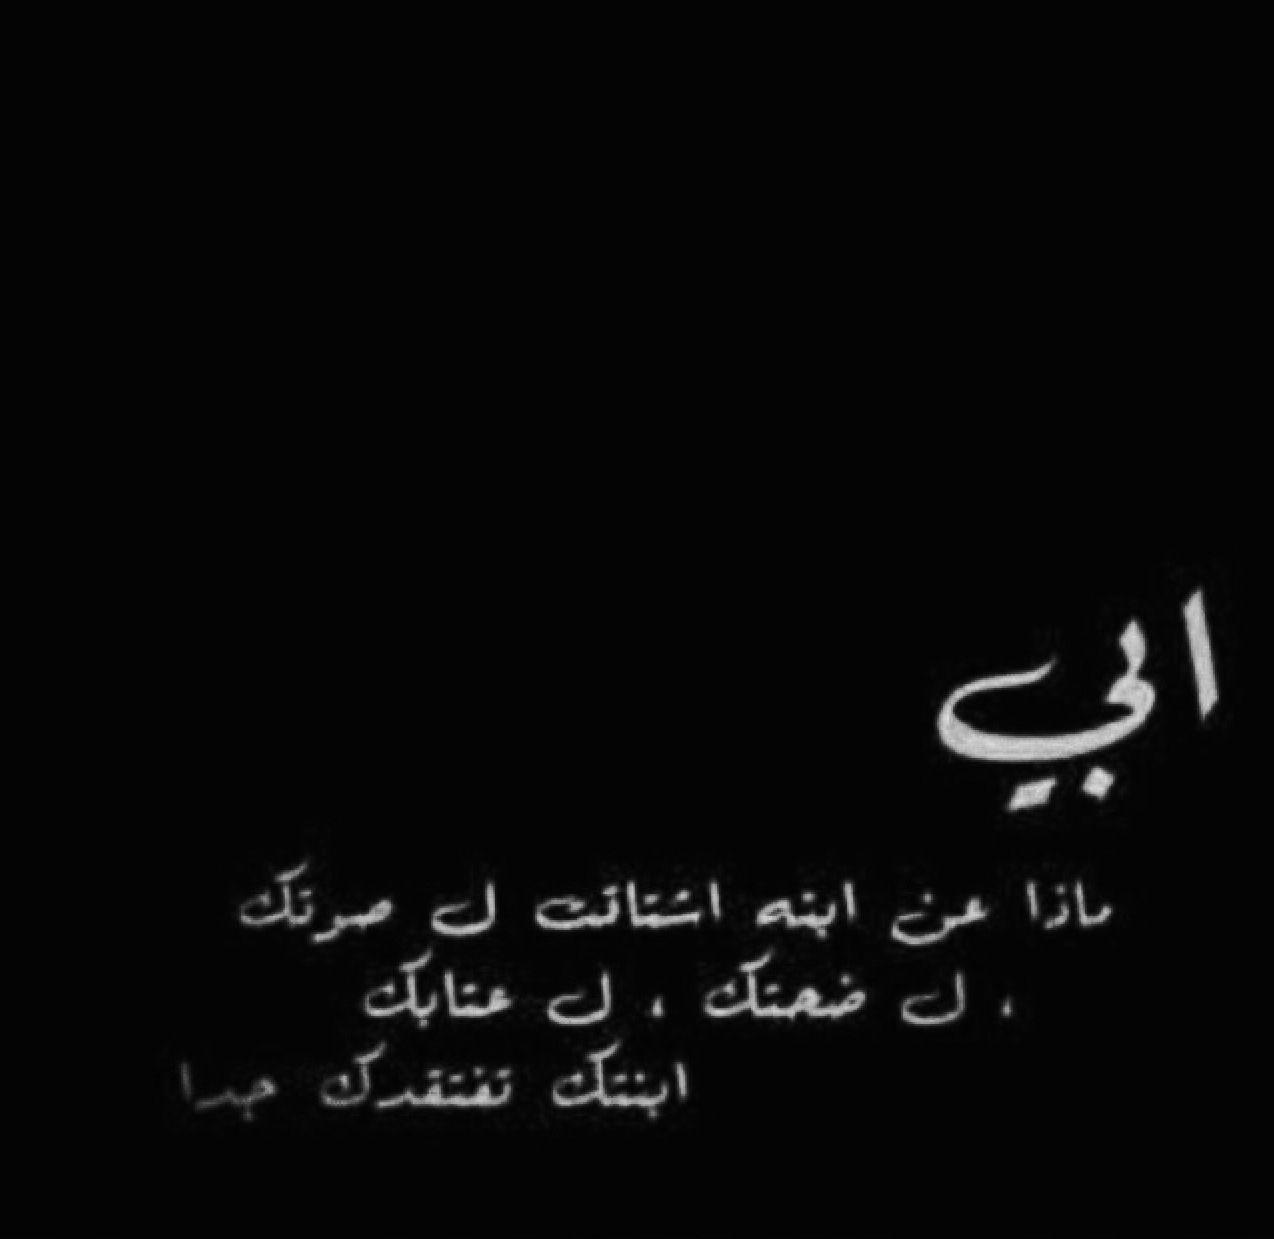 بالصور شعر عن فراق الاب الميت , كلمات حزينه عن فقدان الاب 1083 4